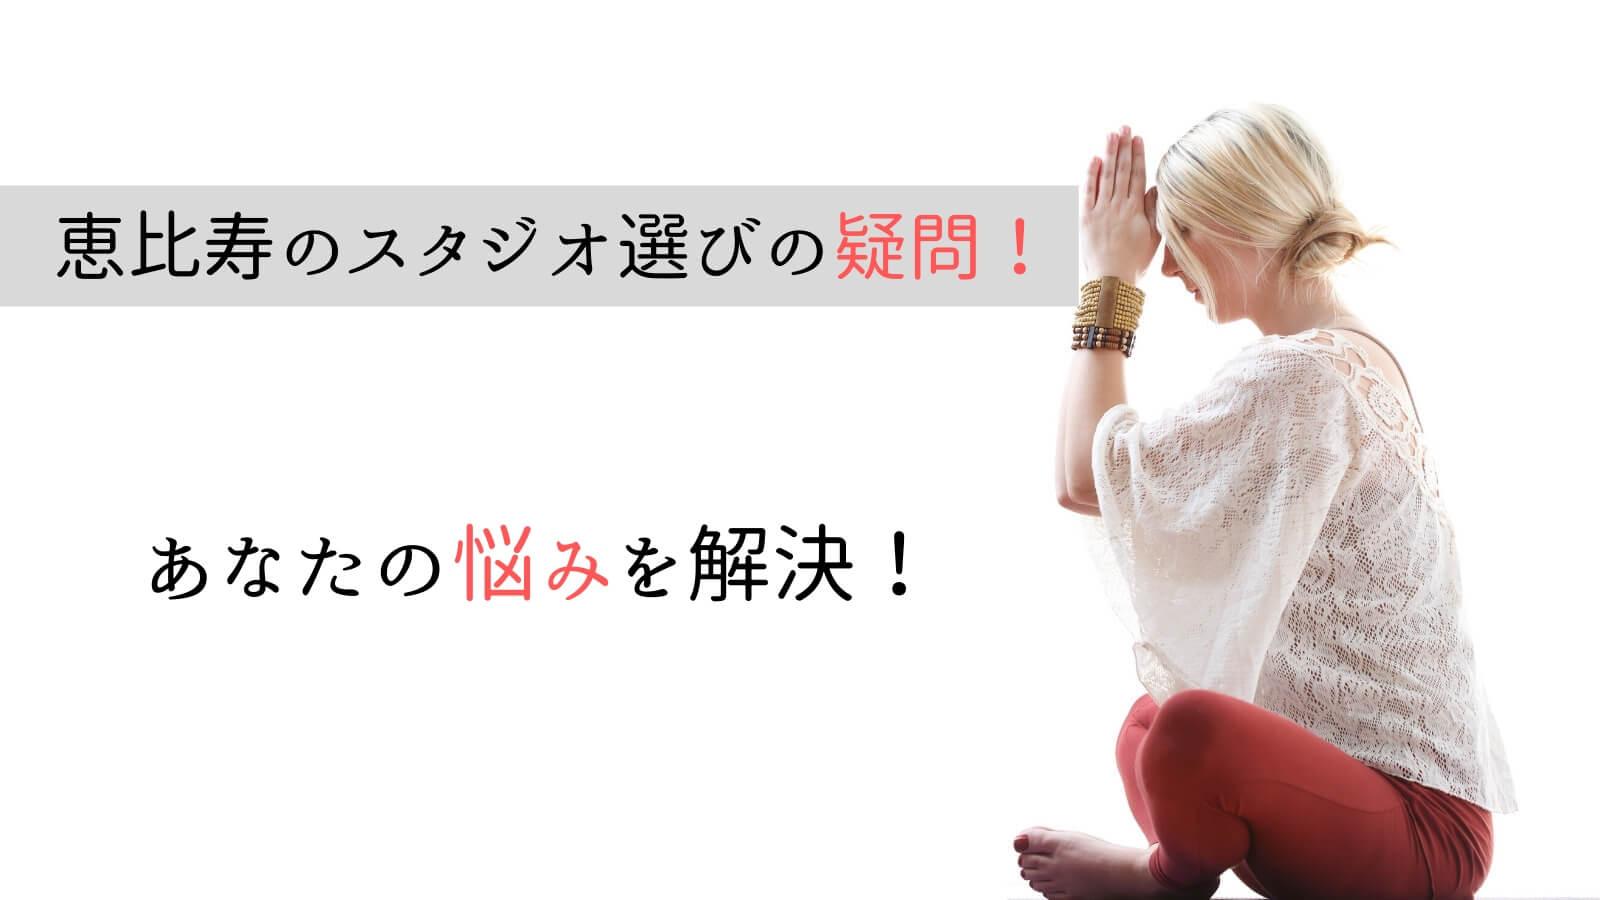 恵比寿でのヨガ・ホットヨガスタジオ選びに関するQ&A